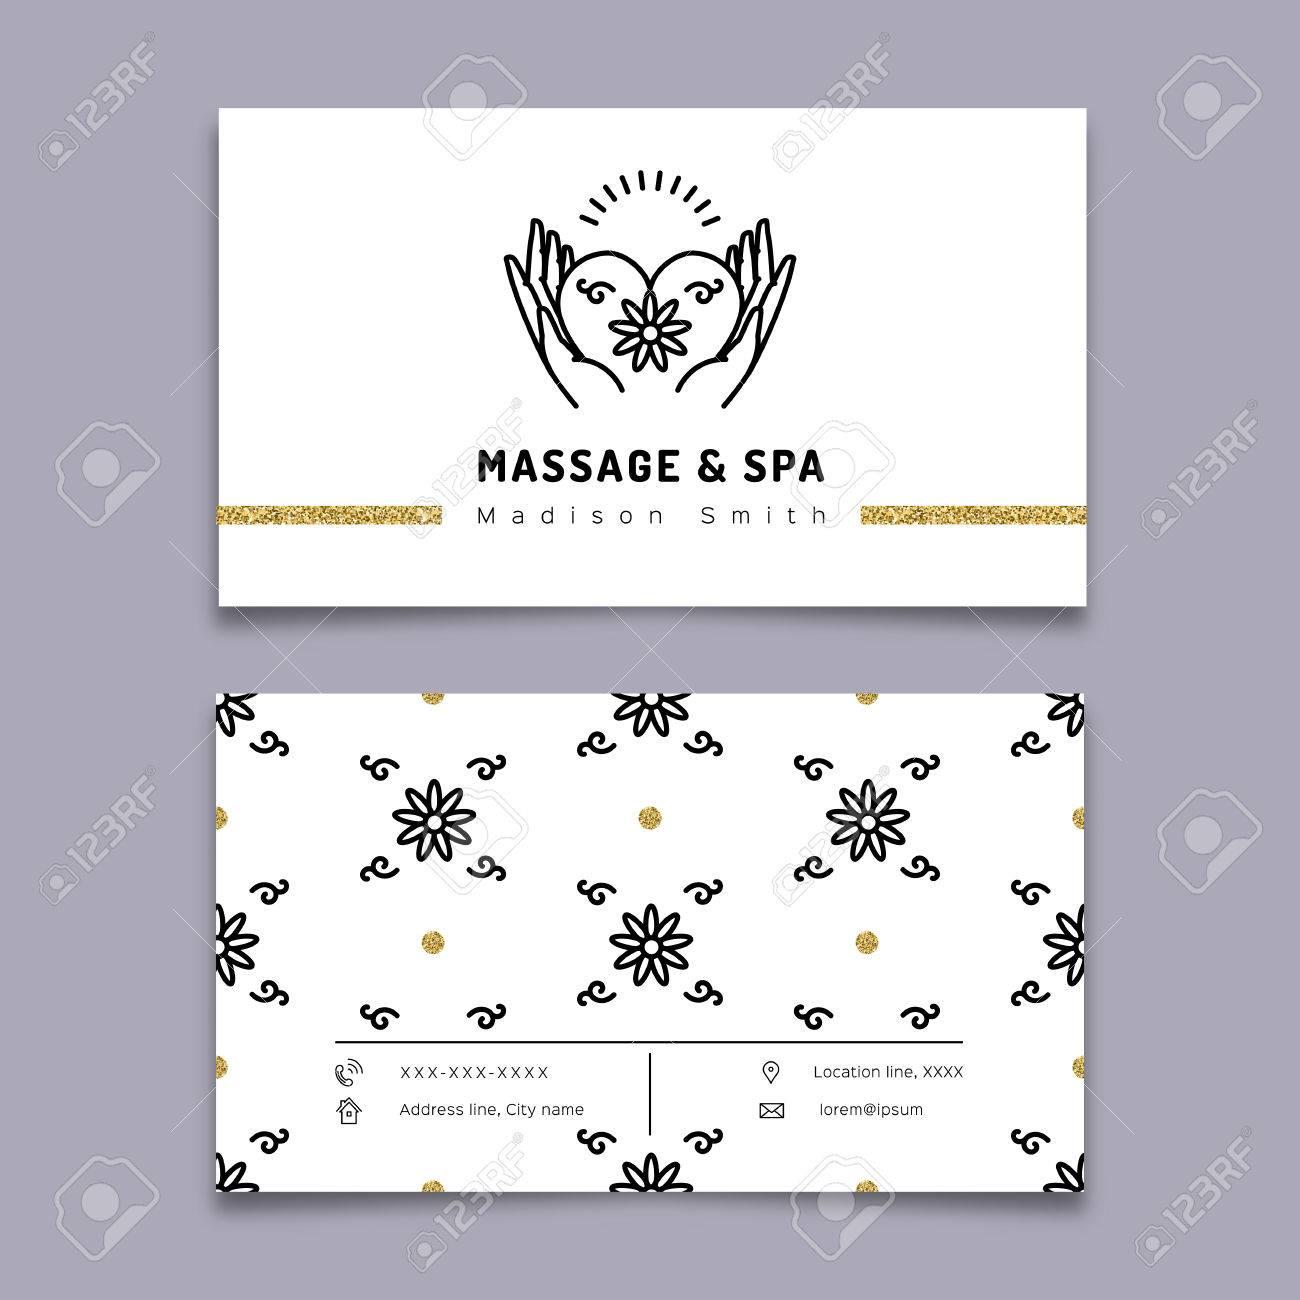 Vector Massage Et Spa Therapie Modele De Carte Visite Trendy Lineaire Icone Mains Tenant Coeur Beaute Detendez Vous La Medecine Naturelle Symboles